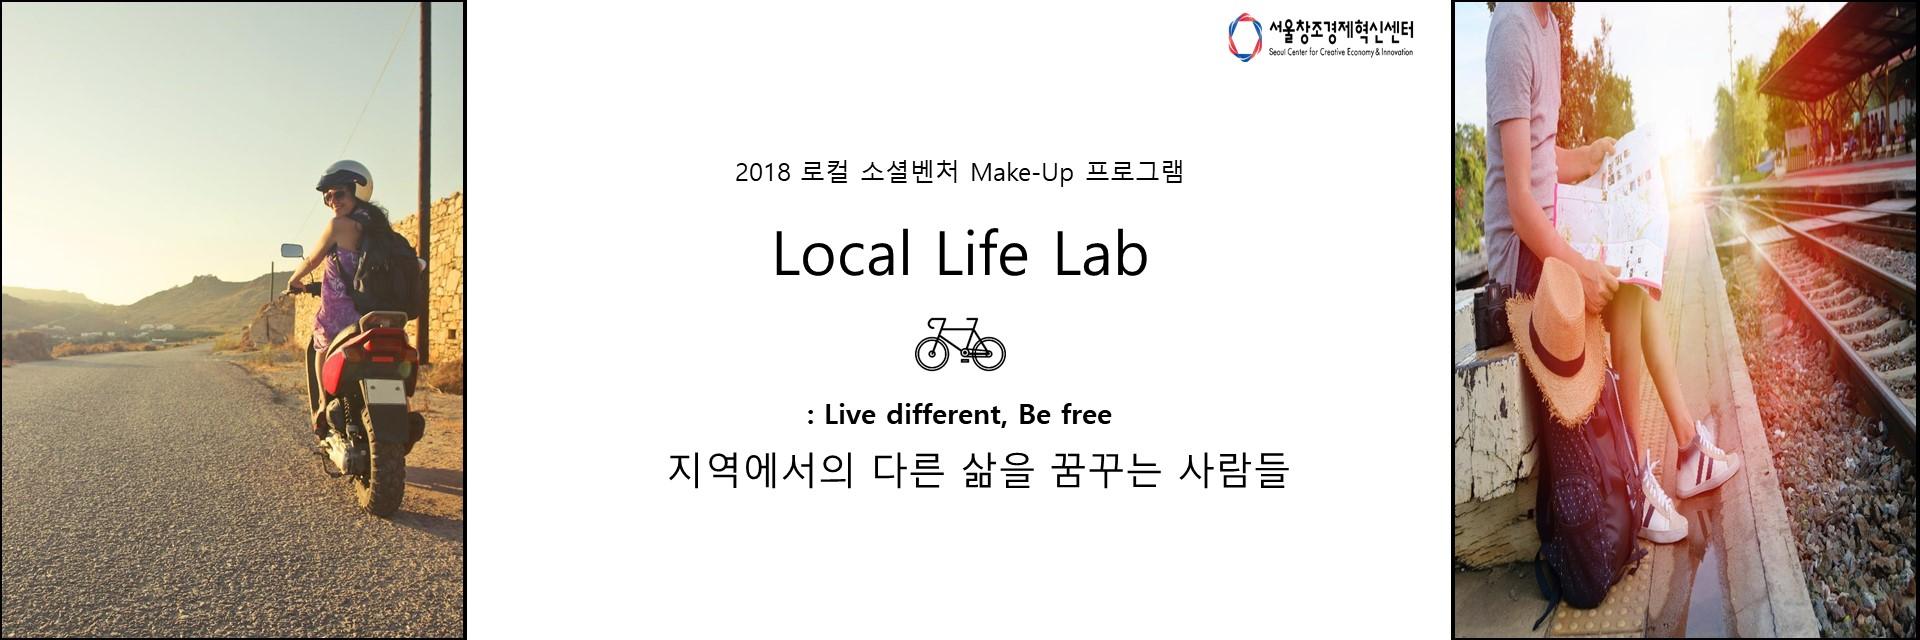 이벤터스_2018 Local Life Lab 프로그램 참가자 모집